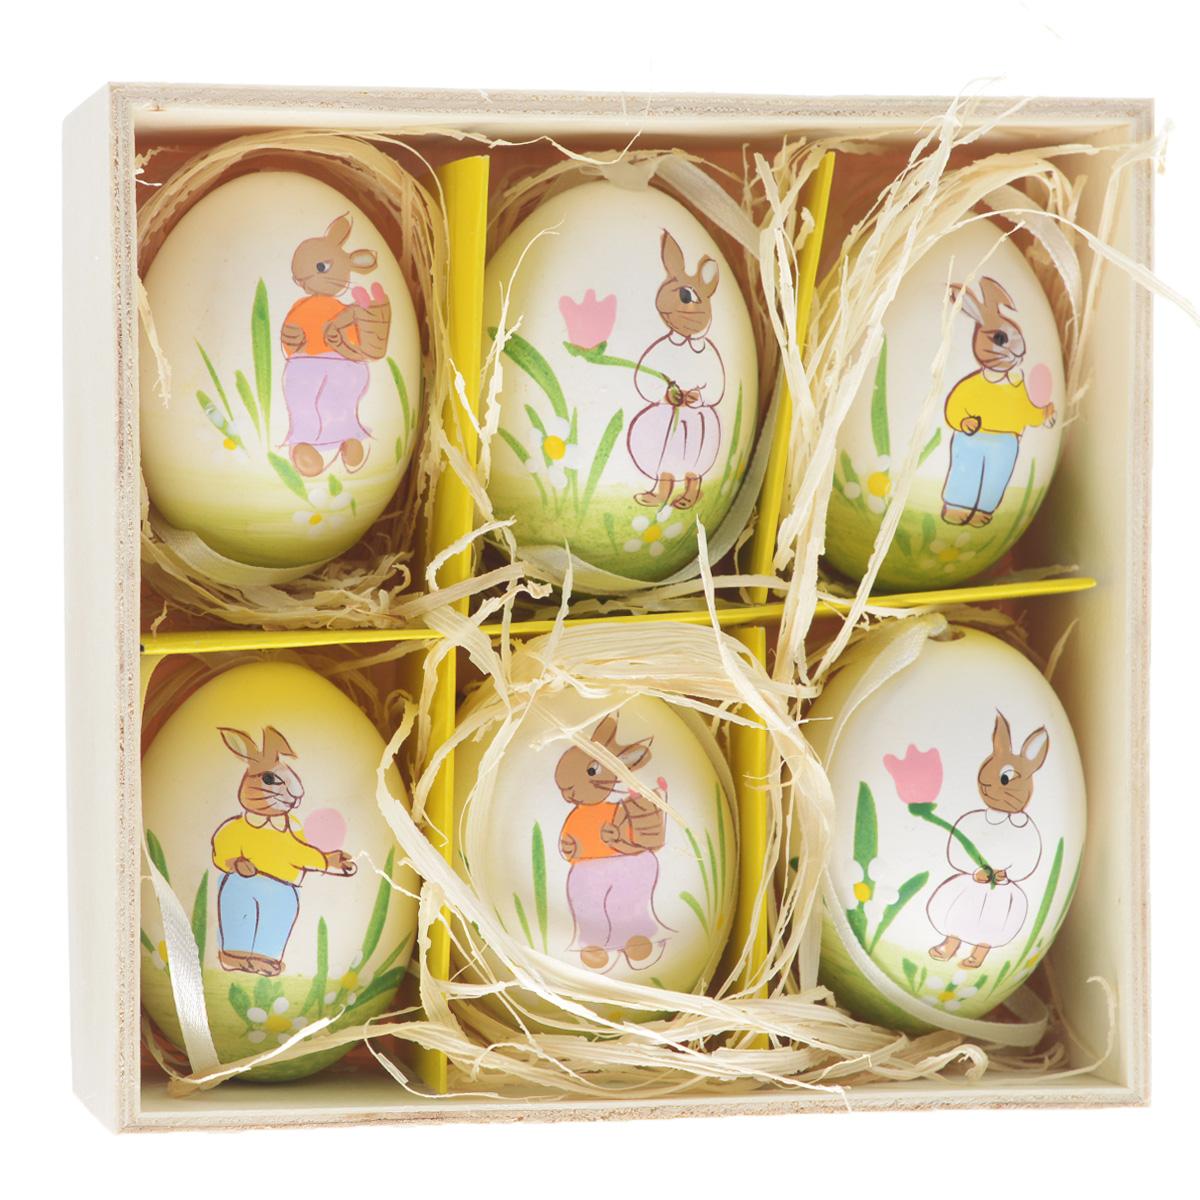 """Декоративные подвесные пасхальные яйца """"Феникс-презент"""" отлично подойдут  для декорации вашего дома к Пасхе. Изделия выполнены из натуральной скорлупы  куриного яйца и декорированы изображением кроликов и цветов. Украшения оснащены  специальными текстильными петельками для подвешивания. В комплекте - 6  пасхальных яиц, которые располагаются в деревянном ящике с подложкой из  лыко.  Яйцо - это главный символ Пасхи, который означает для христиан новую жизнь и  возрождение. Создайте в своем доме атмосферу праздника, украшая его  декоративными пасхальными яйцами.  Материал: скорлупа куриного яйца, текстиль, лыко. Размер яйца: 4 см х 4 см х 5,5 см."""